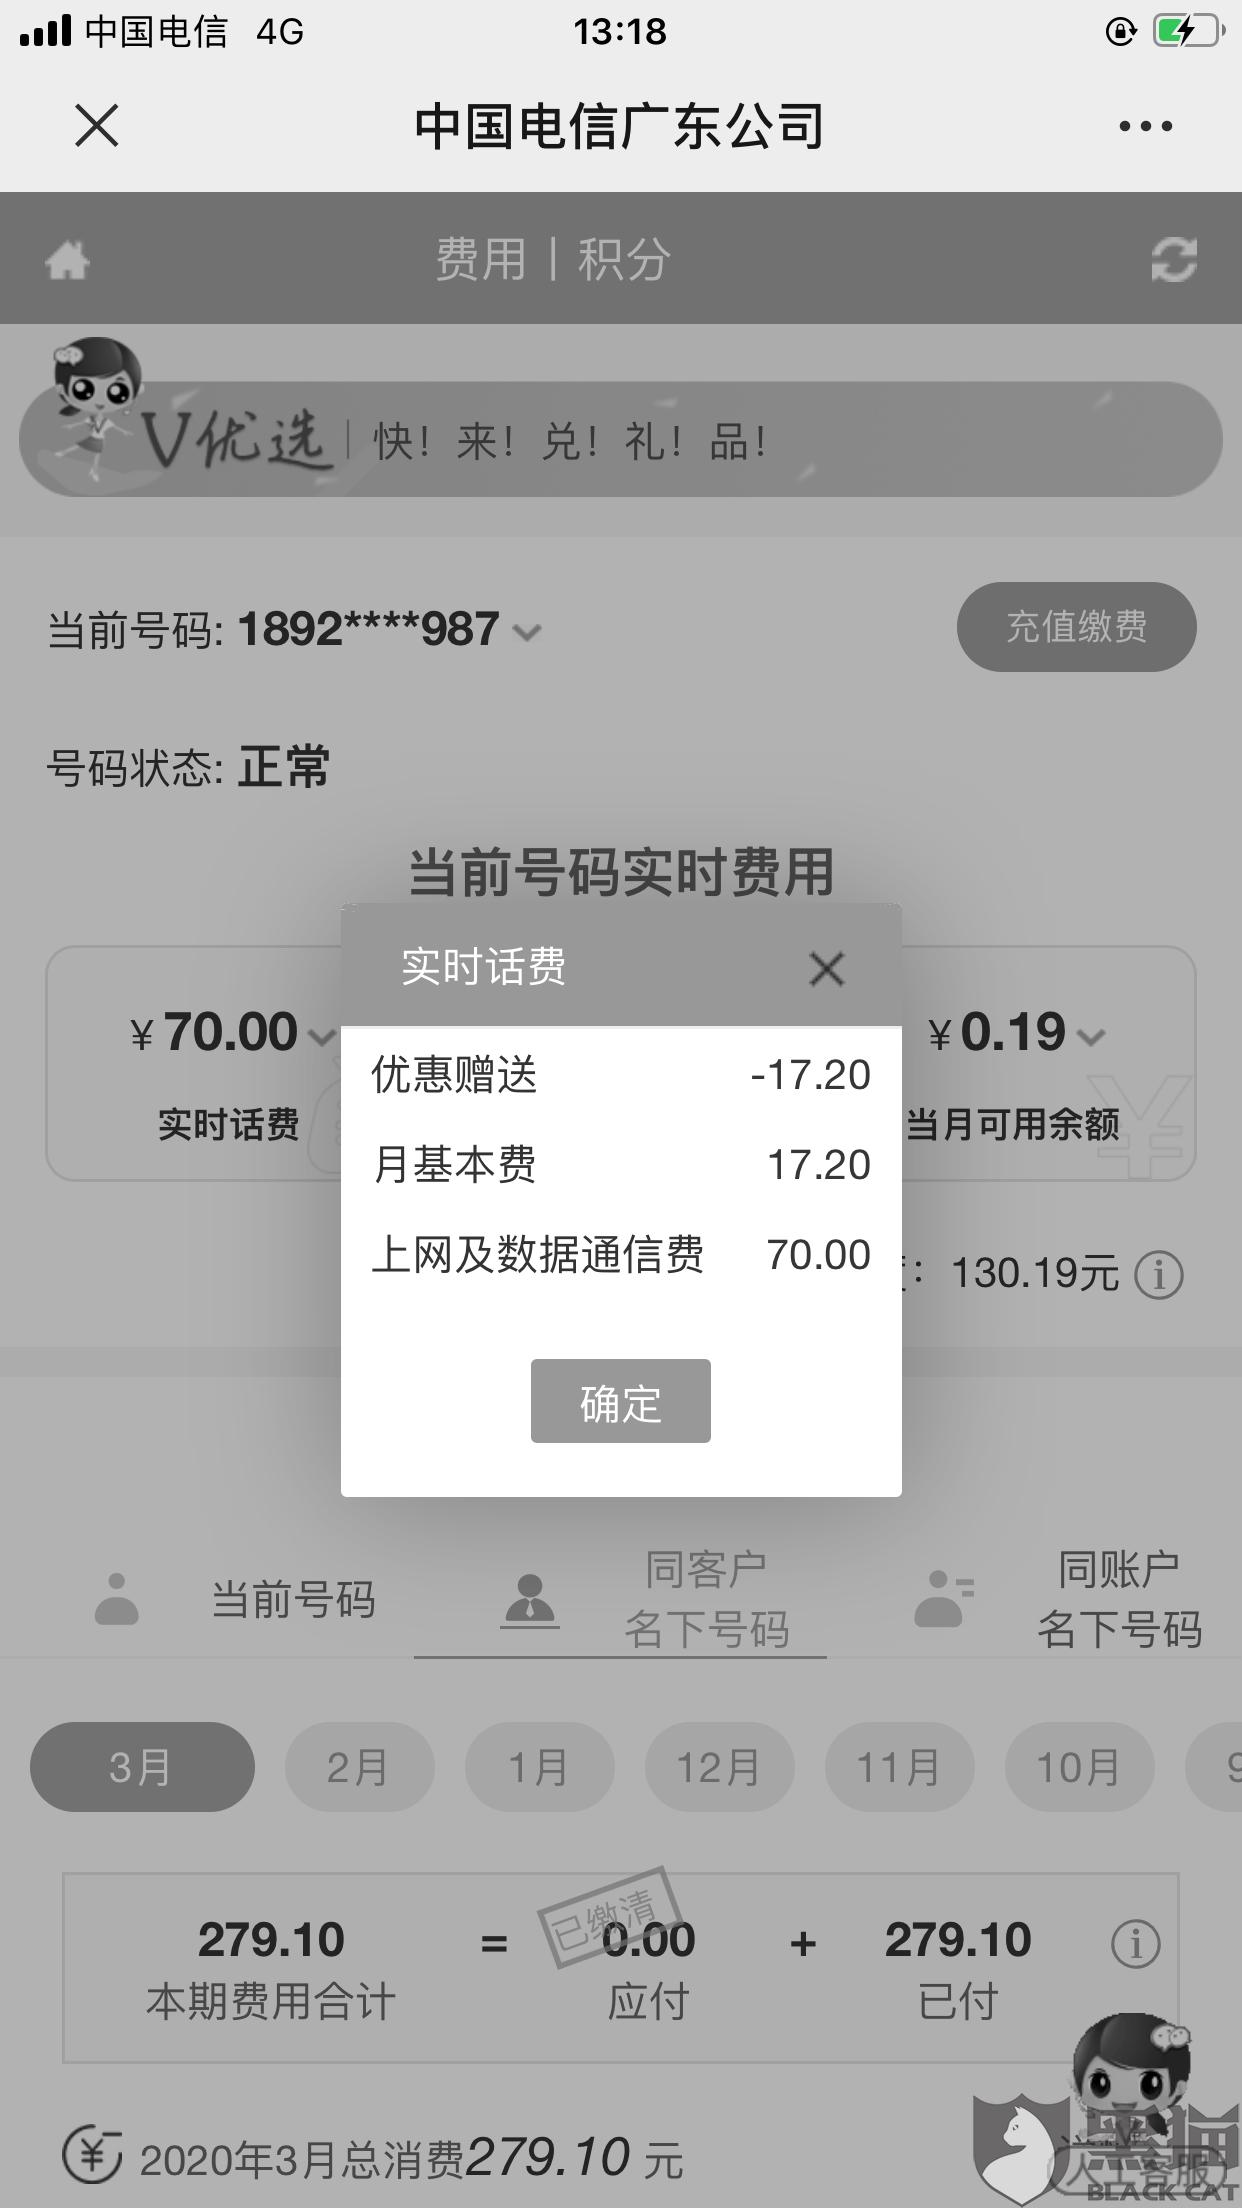 黑猫投诉:中国电信用时7小时解决了消费者投诉